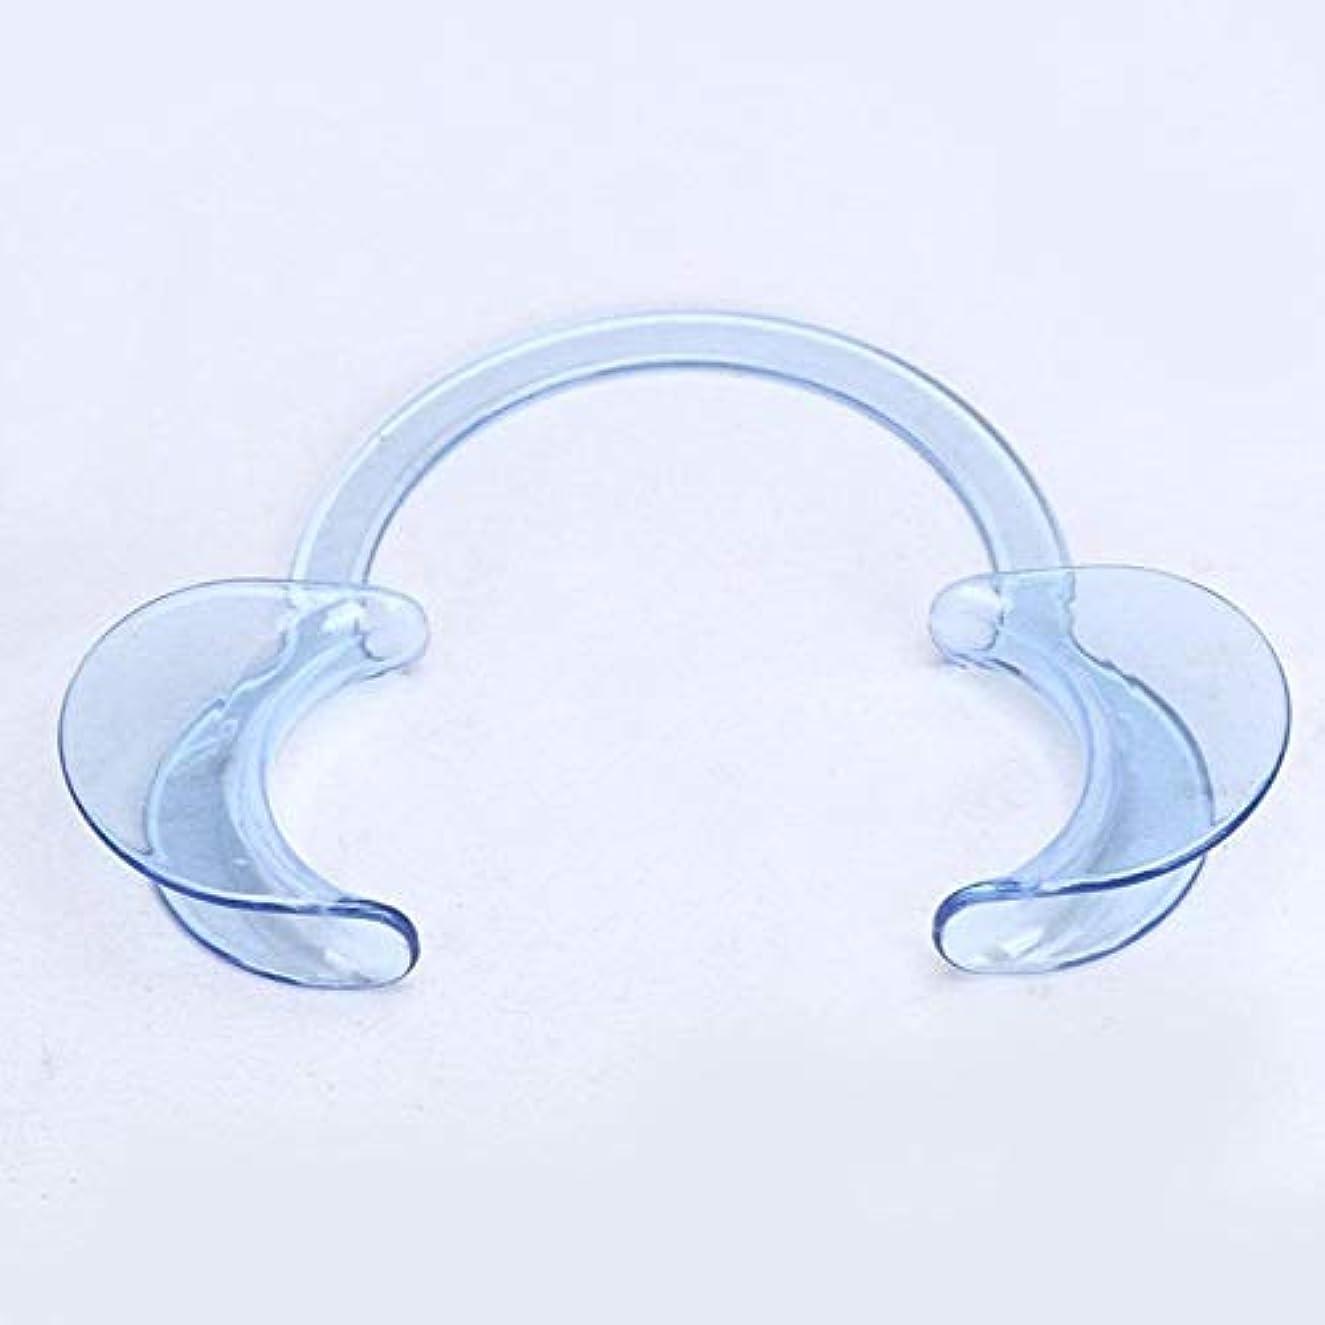 港寮観察するDC パック 歯科 C型 開口器 口オープナー マウスオープナー 開口マウスオープナー C型ホワイトニング口の開創器